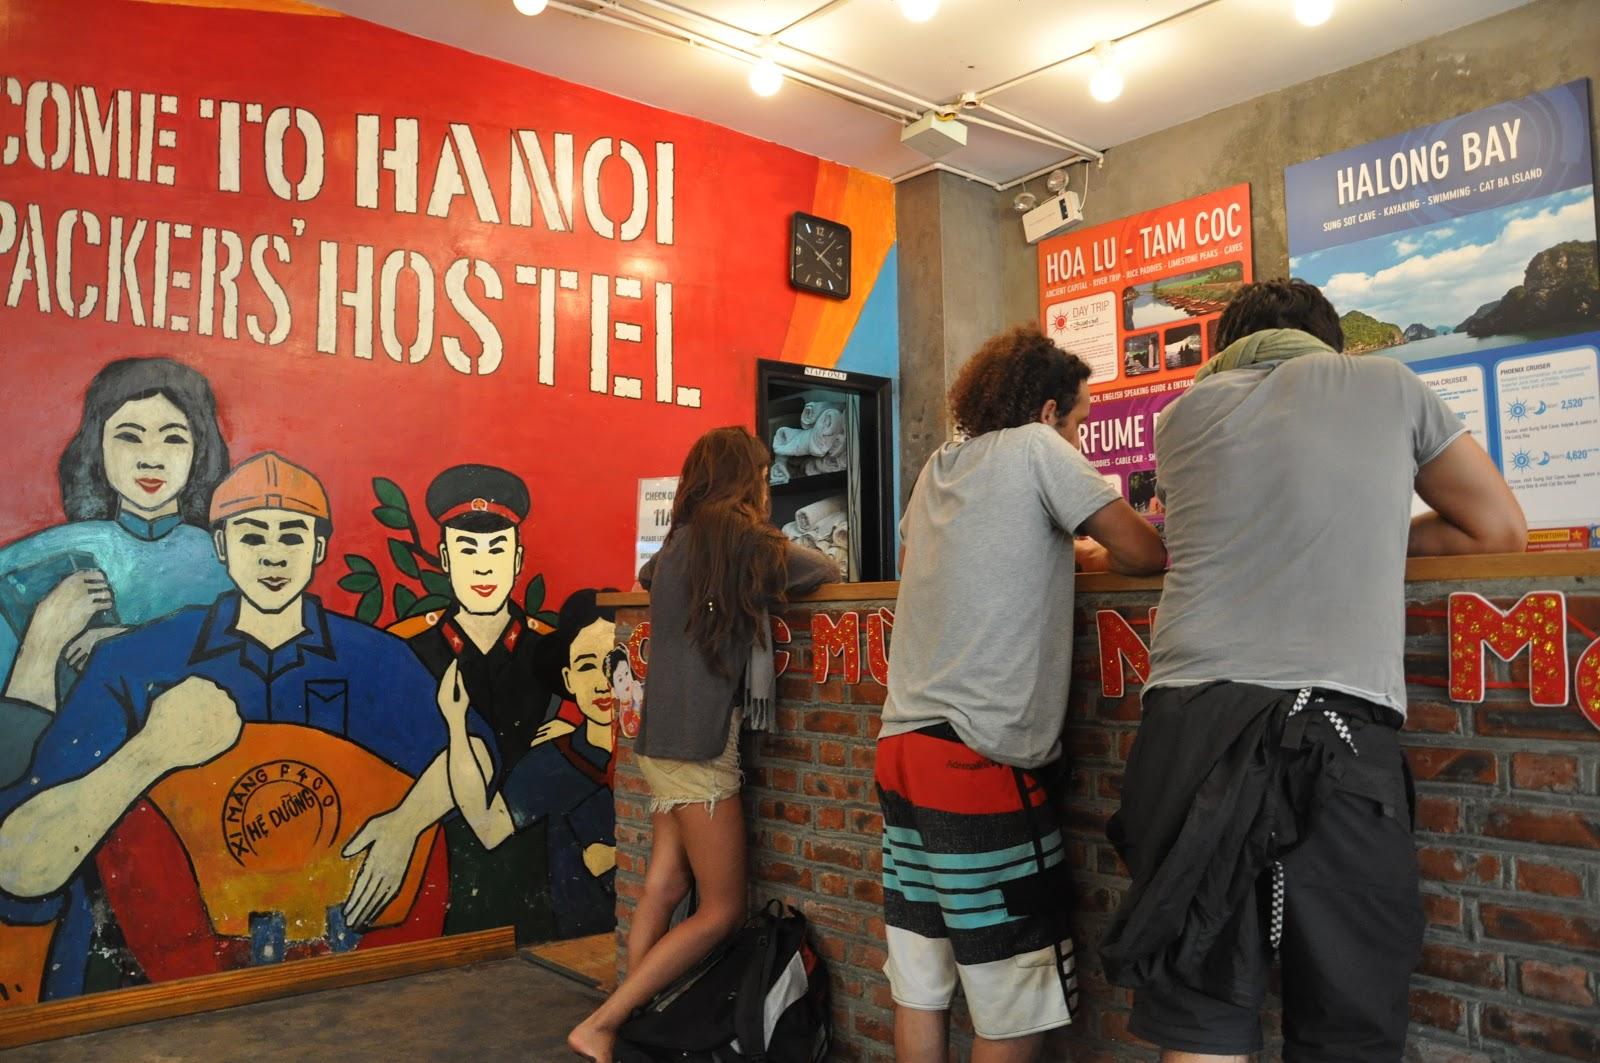 donde comprar north face en hanoi